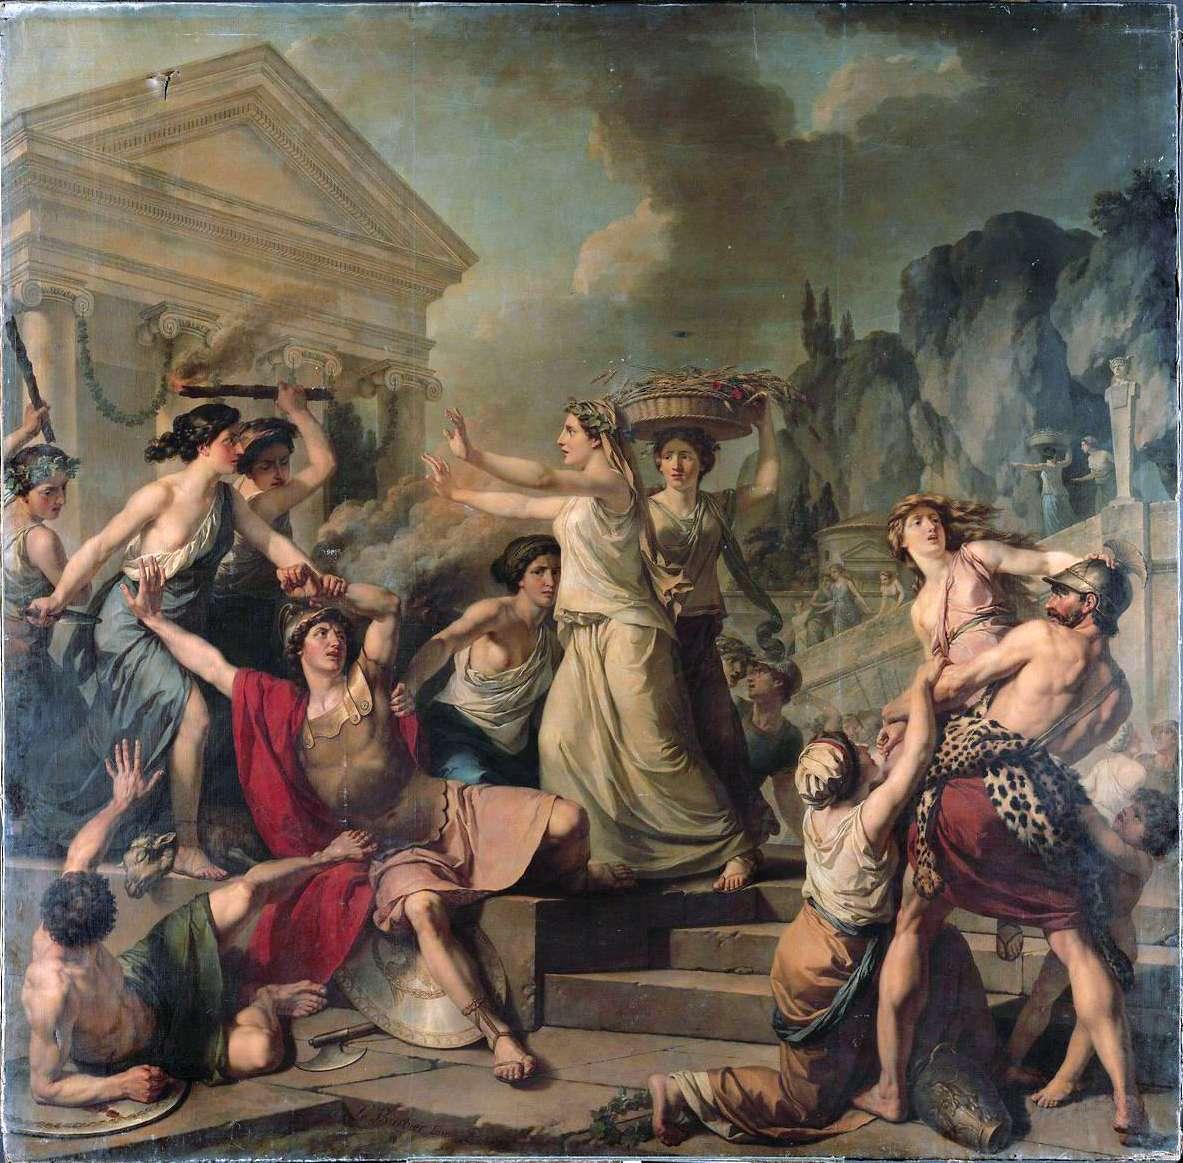 Γυναίκες στην αρχαία Σπάρτη. Jean-Jacques-François Le Barbier - Courage des femmes de Sparte.